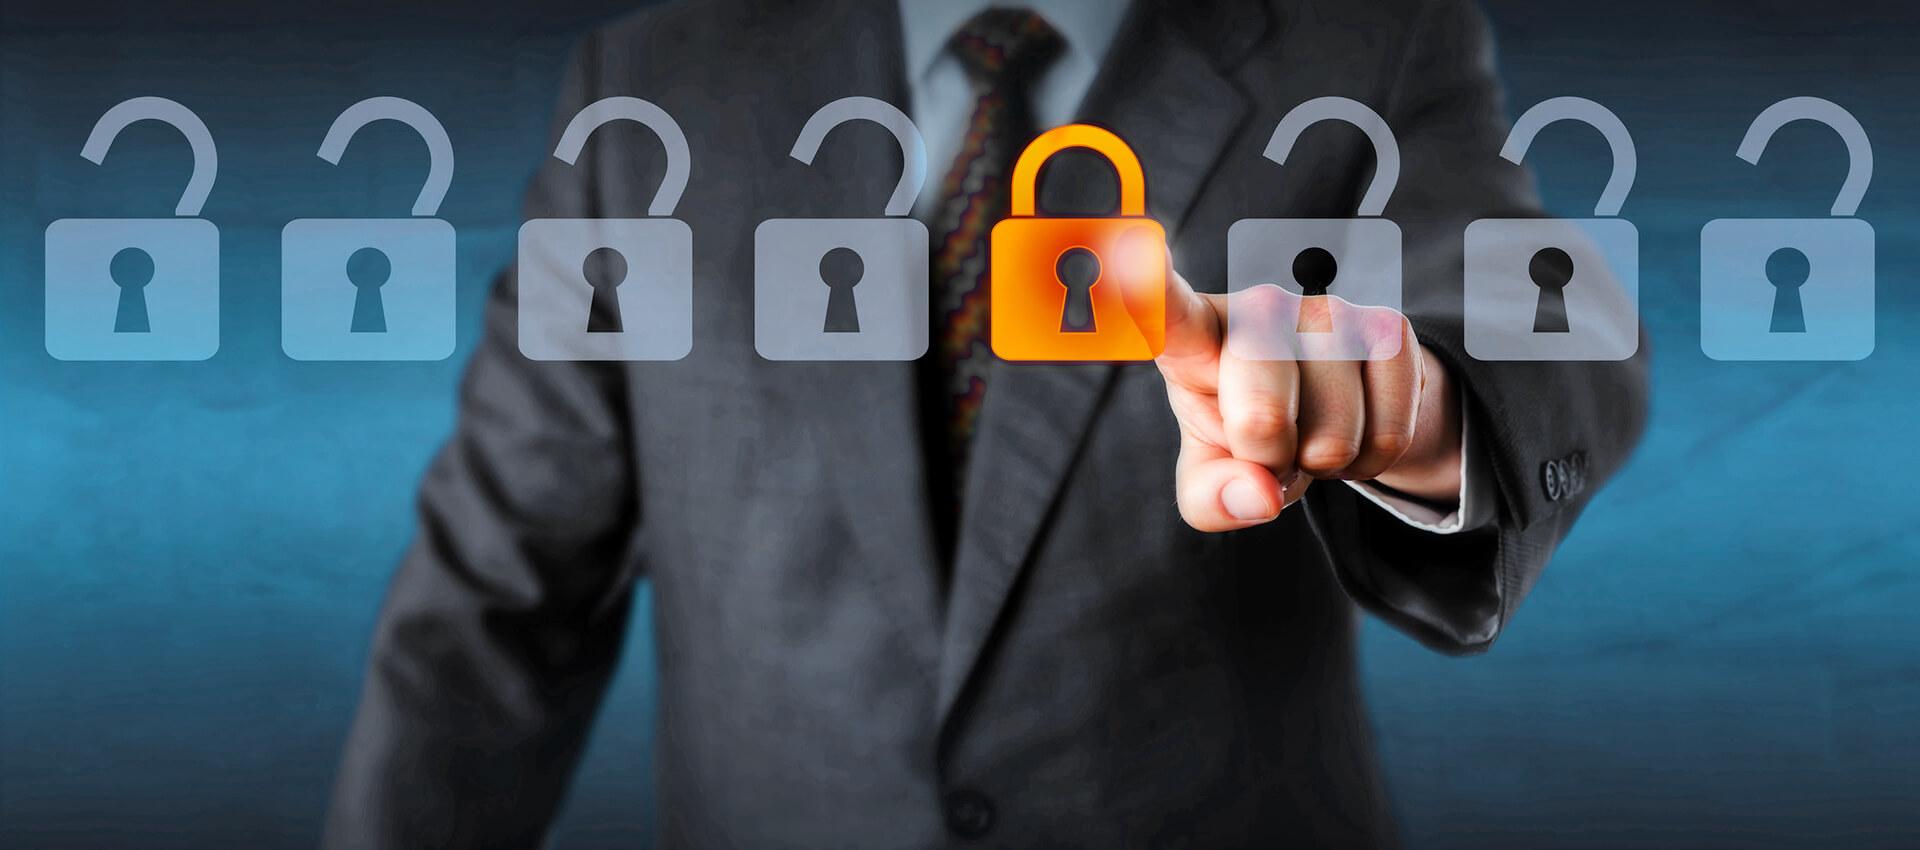 Team4IT IT-Leistungen Datenschutz & Datensicherheit